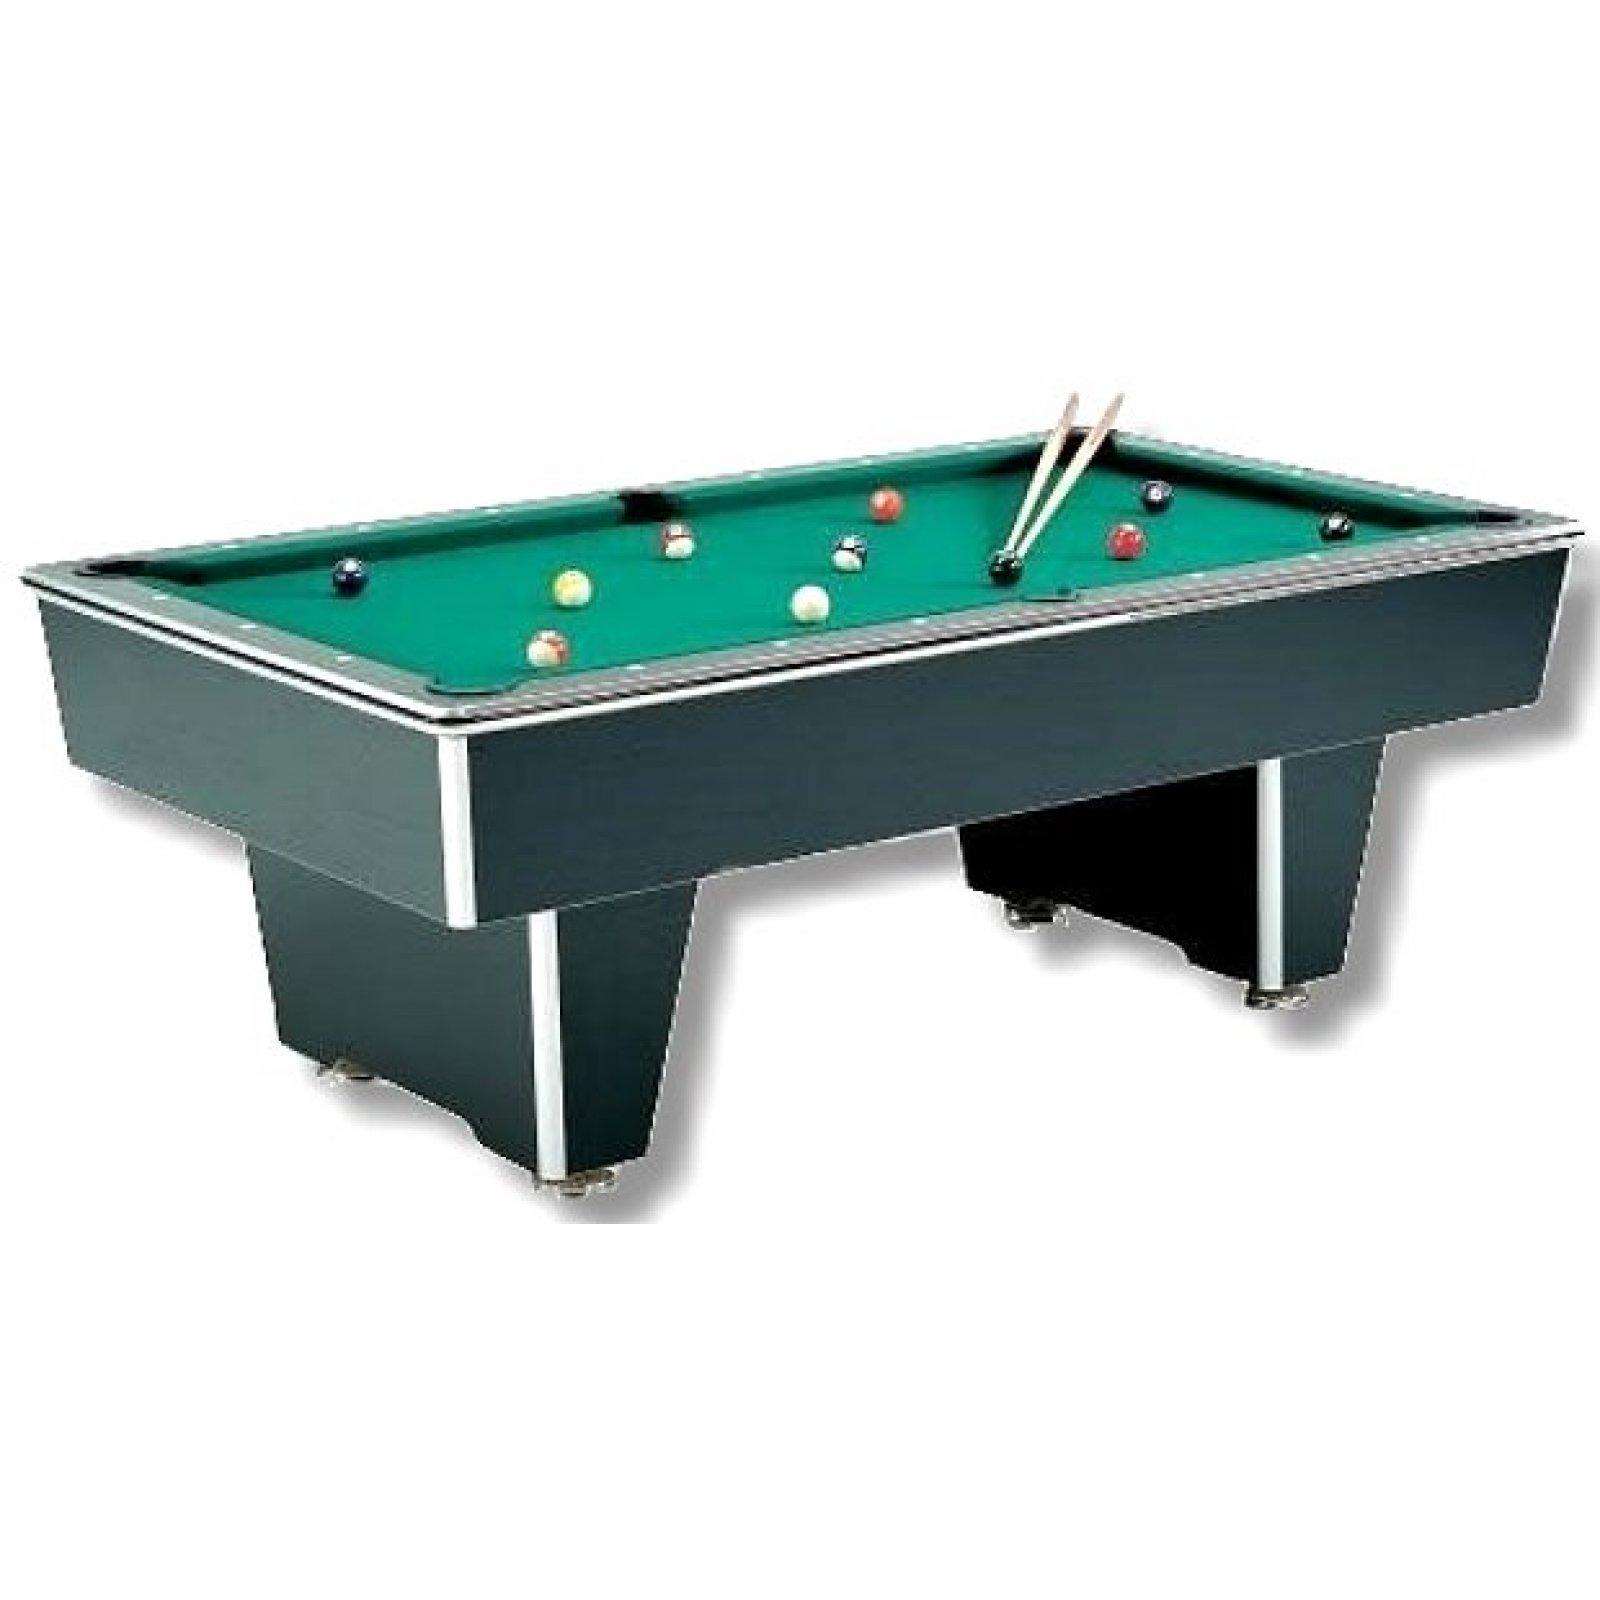 pool billardtisch orlando 6 bis 8 ft ohne m nzeinwurf. Black Bedroom Furniture Sets. Home Design Ideas